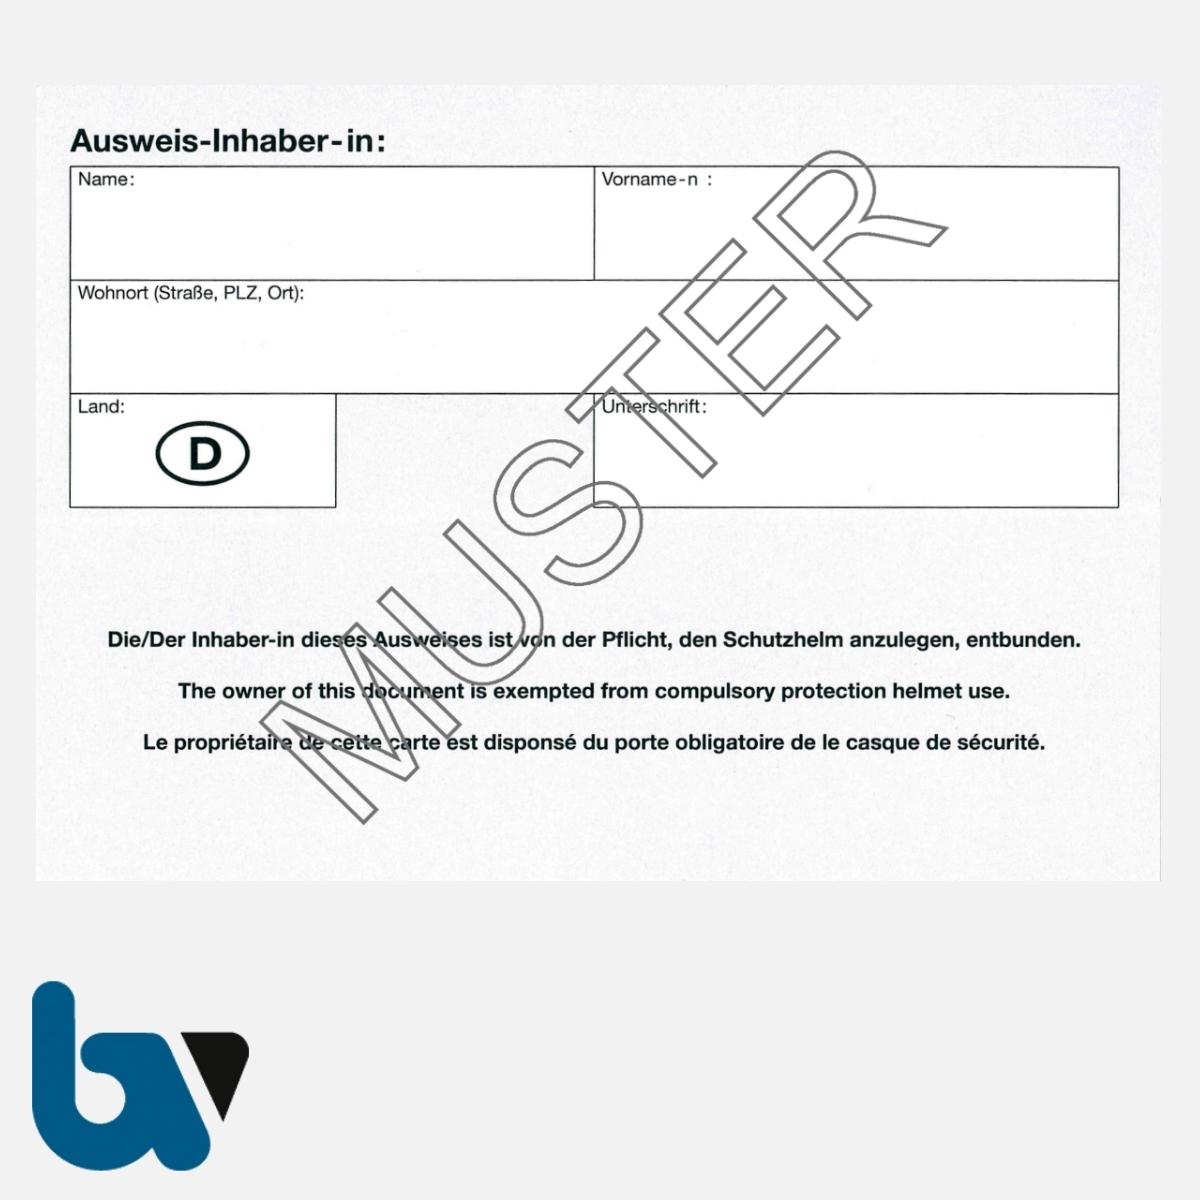 0/499-3.1 Ausweis Ausnahmegenehmigung 46 Straßenverkehrsordnung StVO Befreiung Helmpflicht Karte DIN A6 RS | Borgard Verlag GmbH